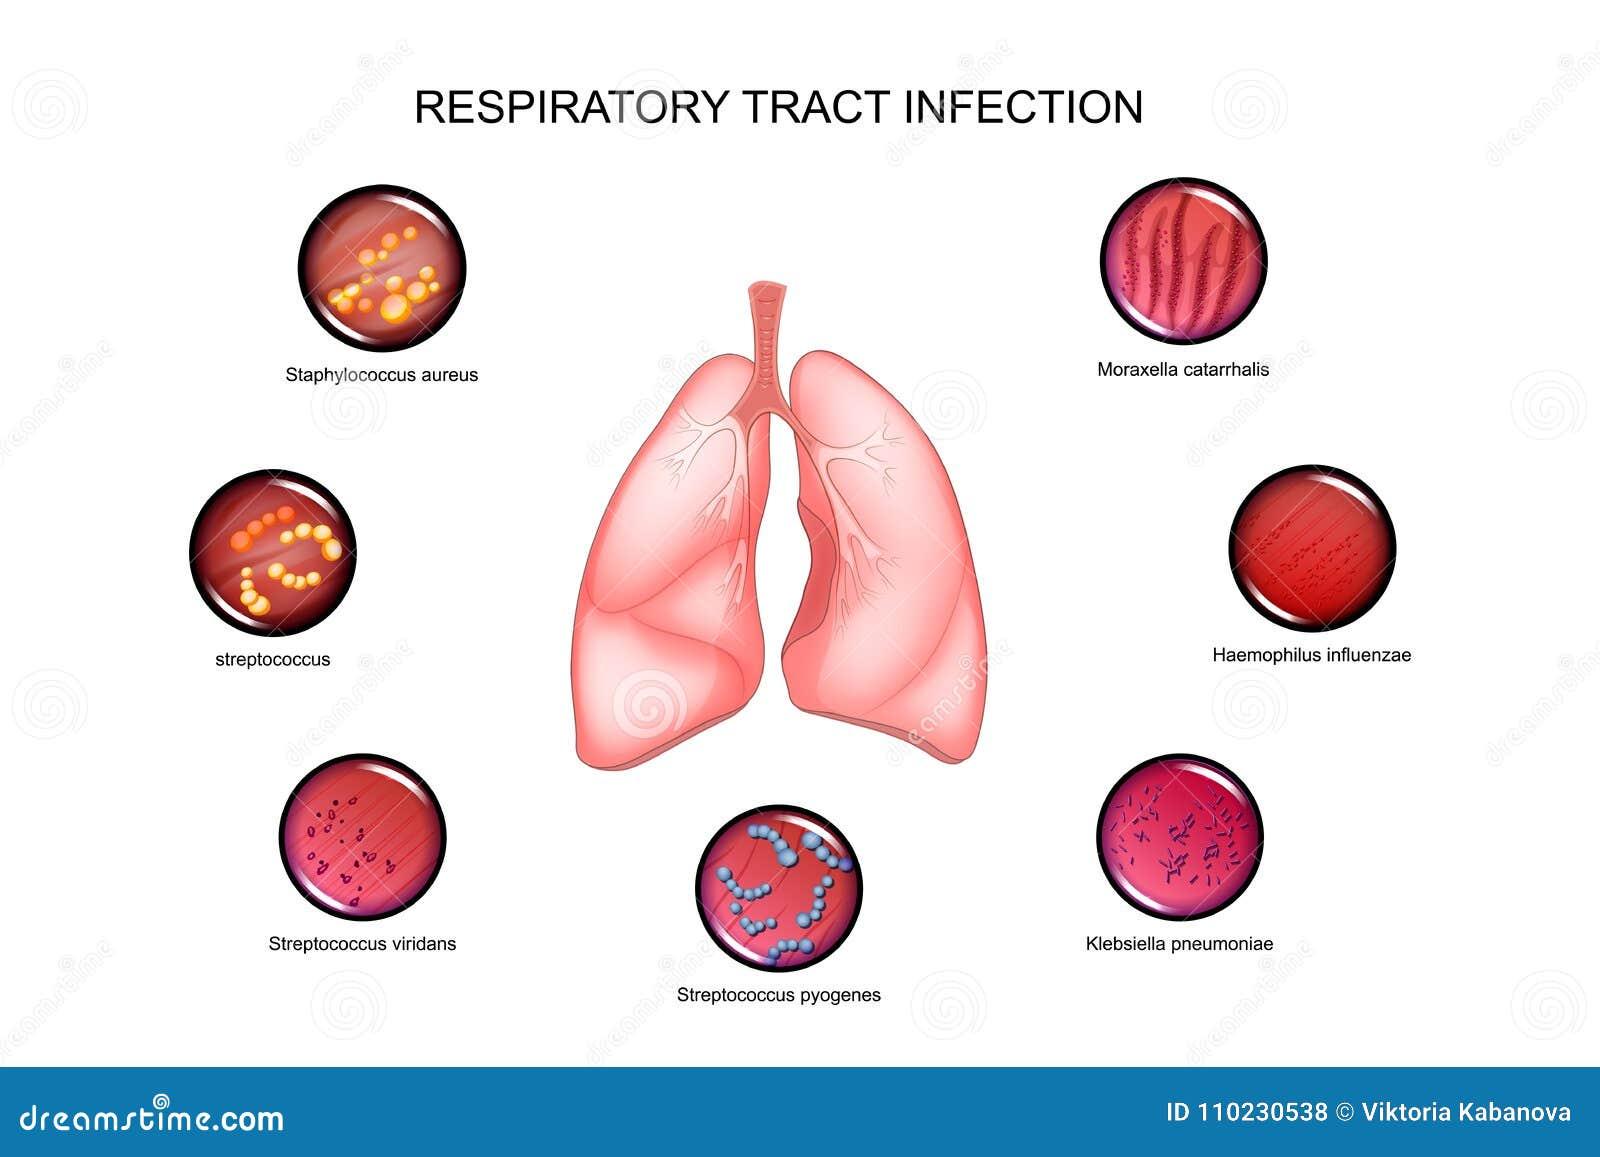 Lungen Und Atemweginfektion Vektor Abbildung - Illustration von ...